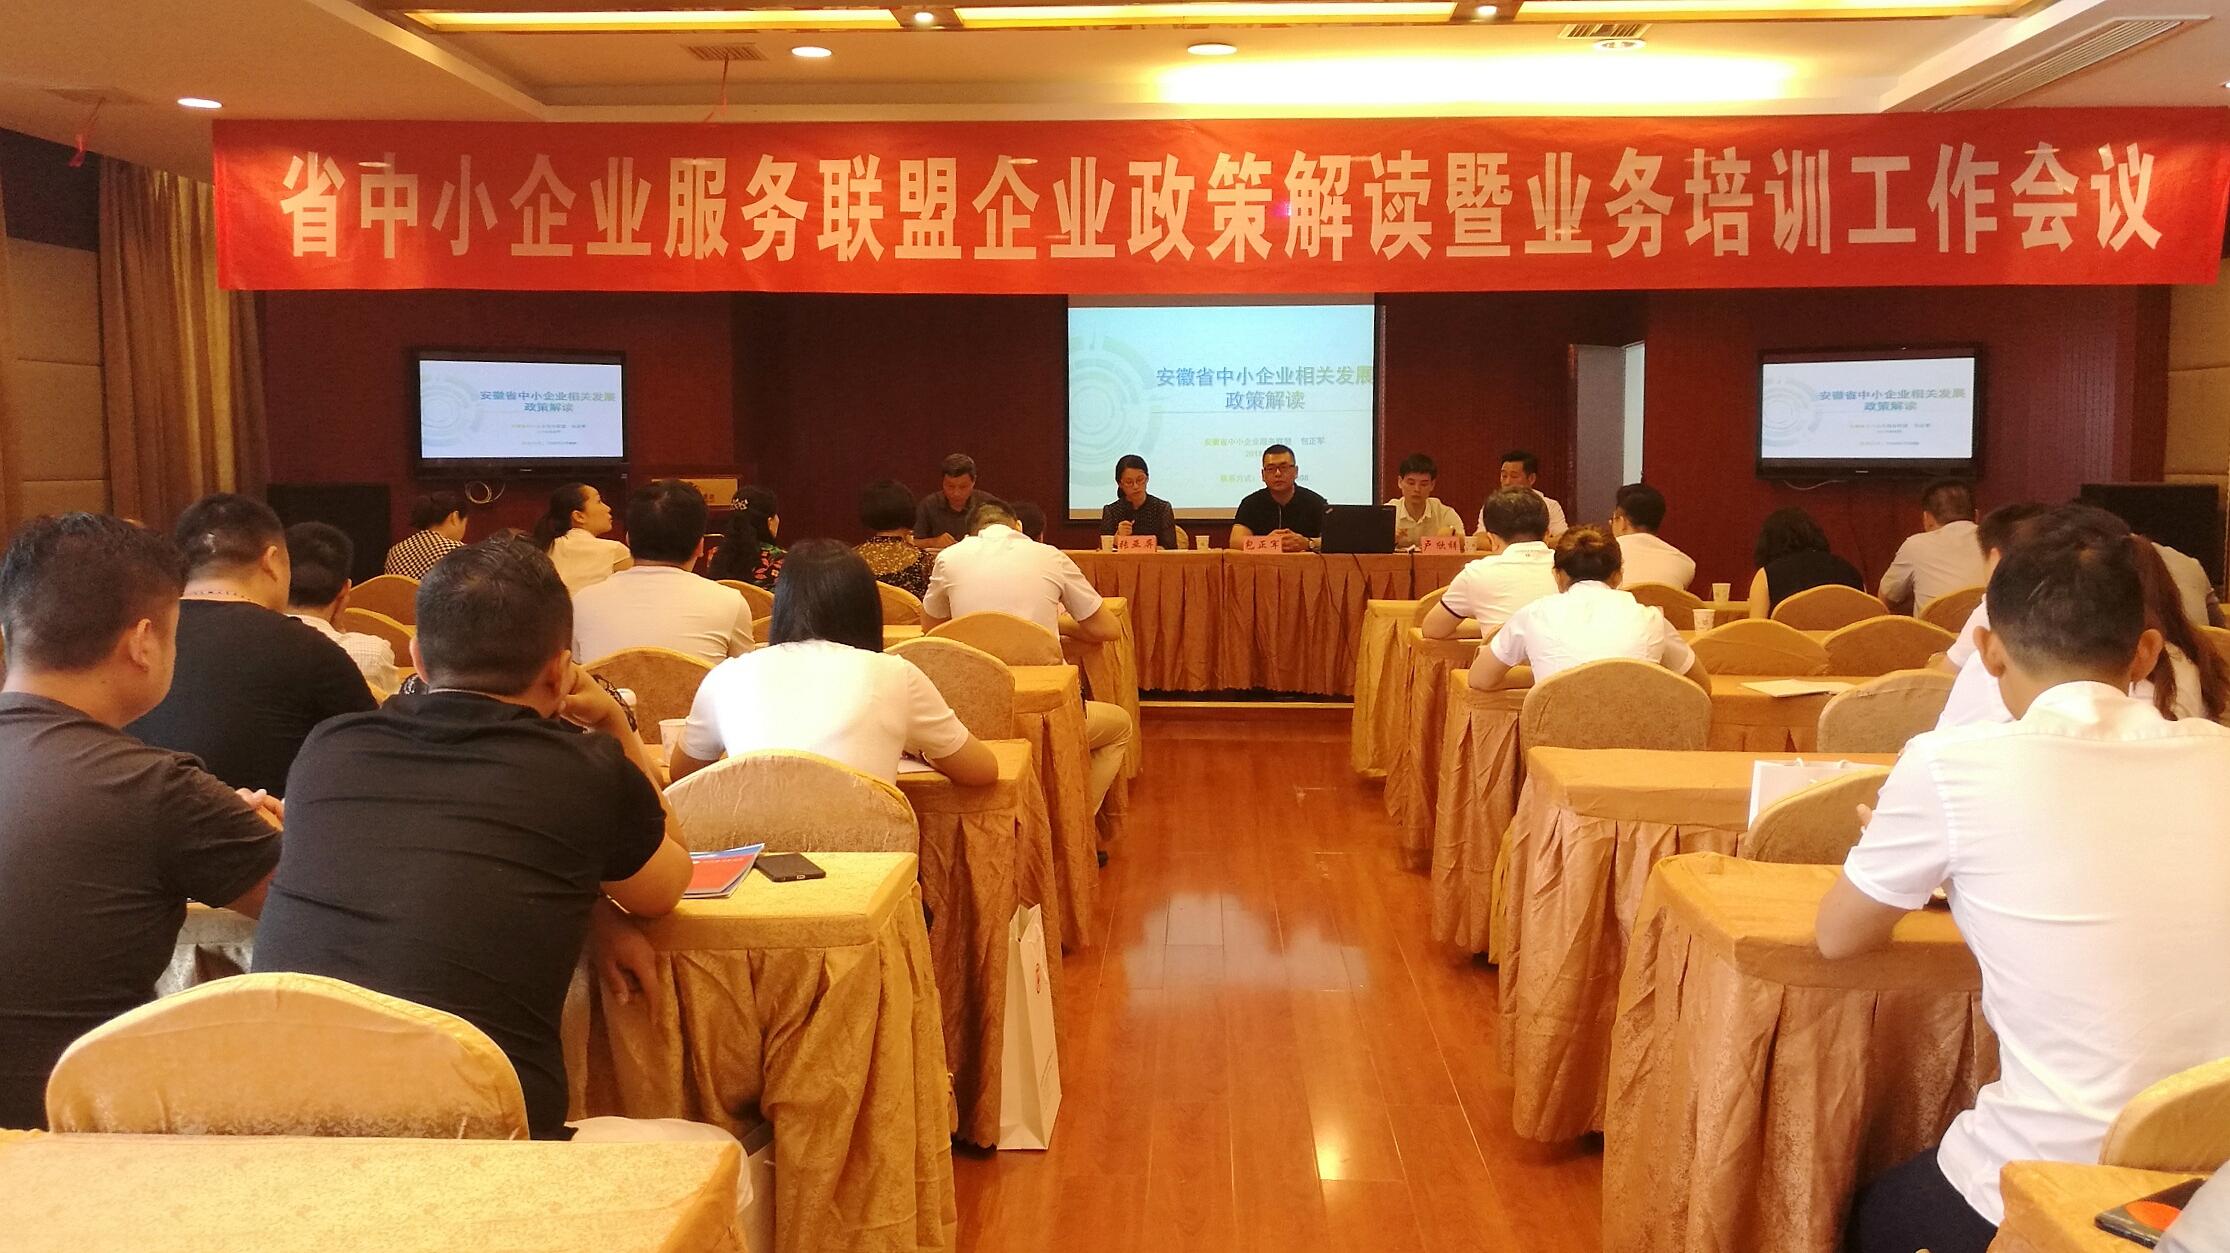 省中心赴淮南开展政策宣讲和机构服务培训工作会议